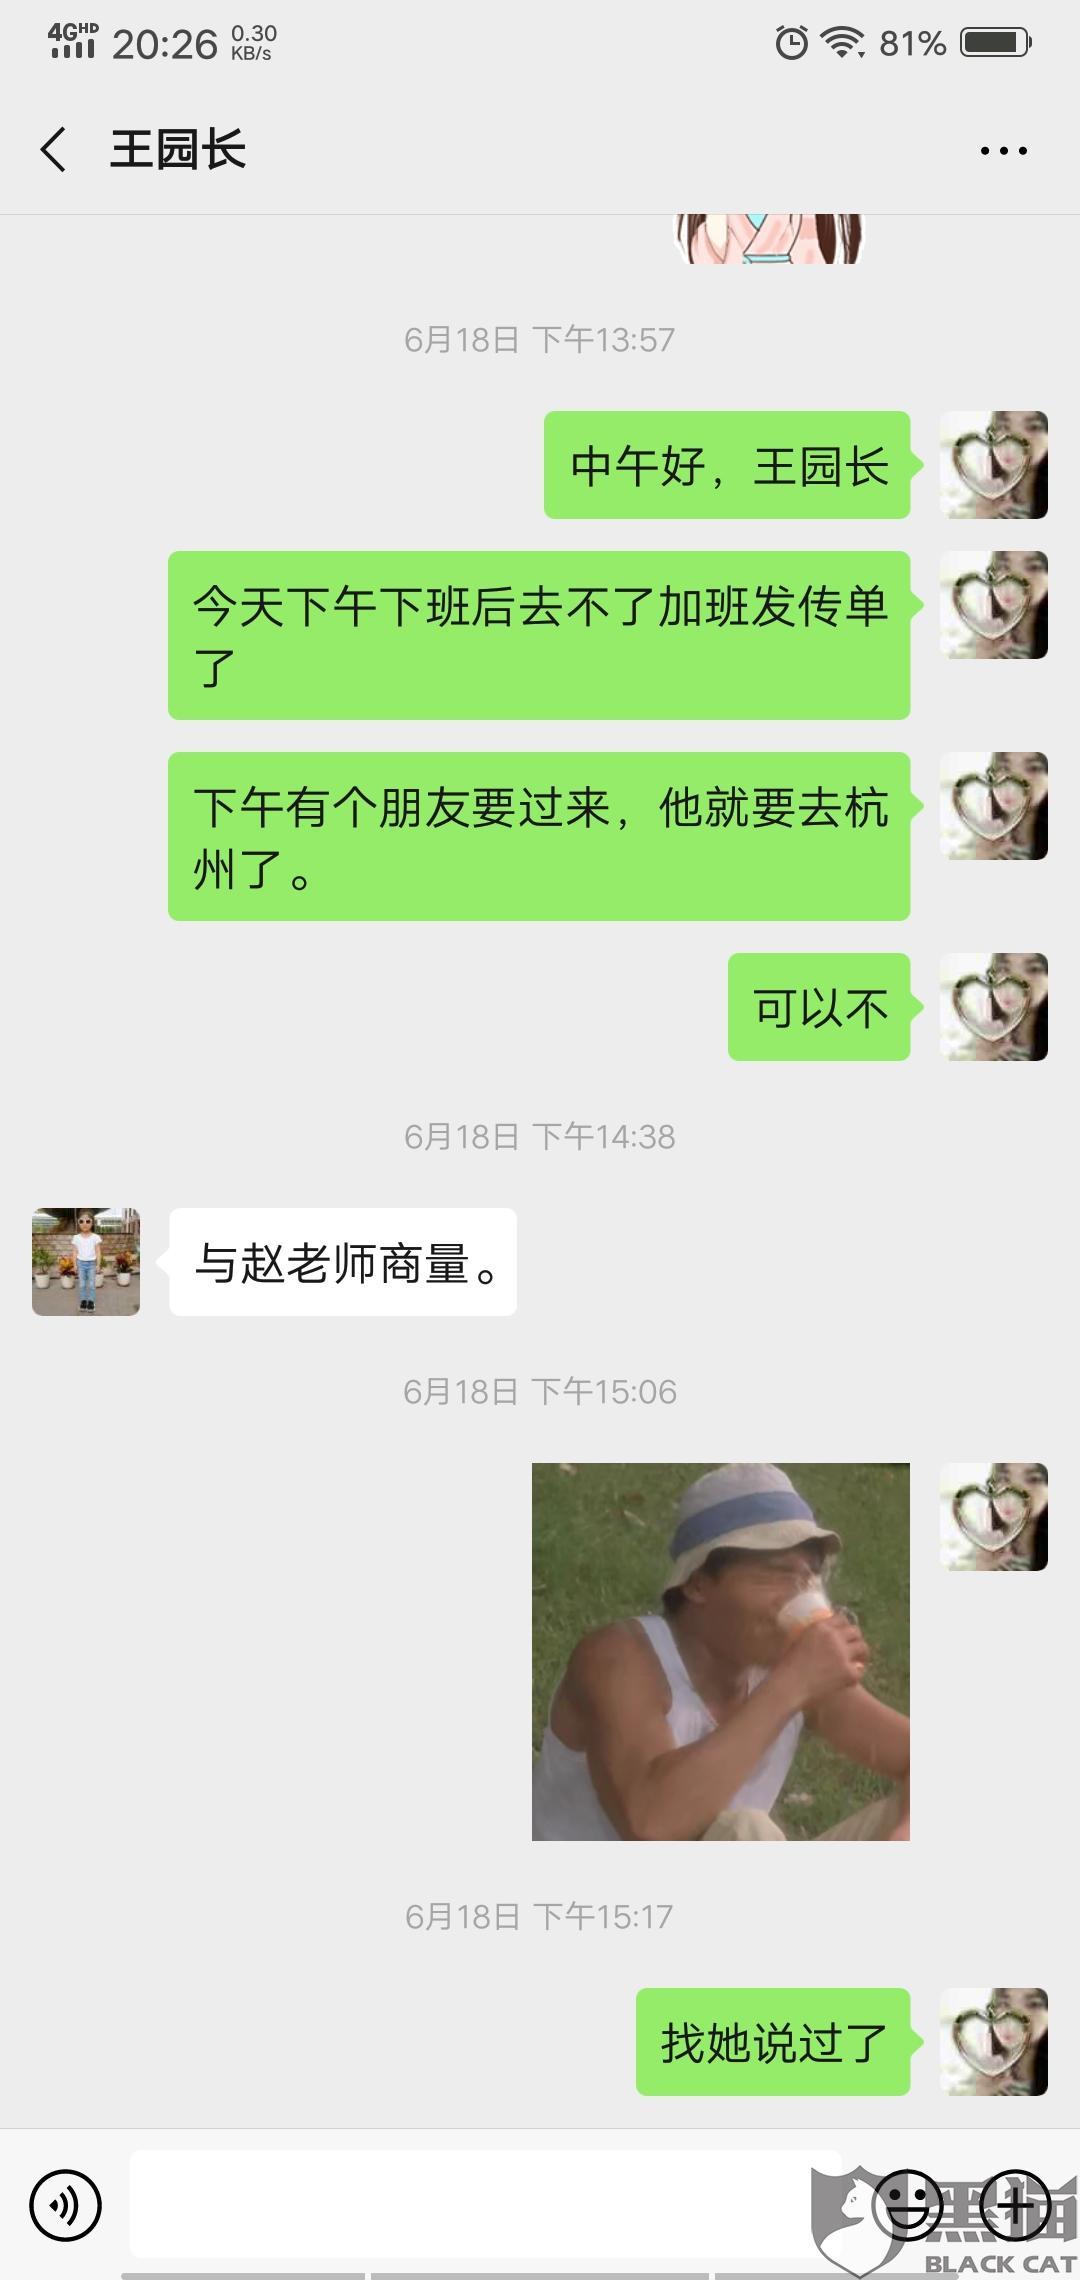 黑猫投诉:北京亨盛教育科技有限公司以普通话水平测试为由,炸骗费用2380。